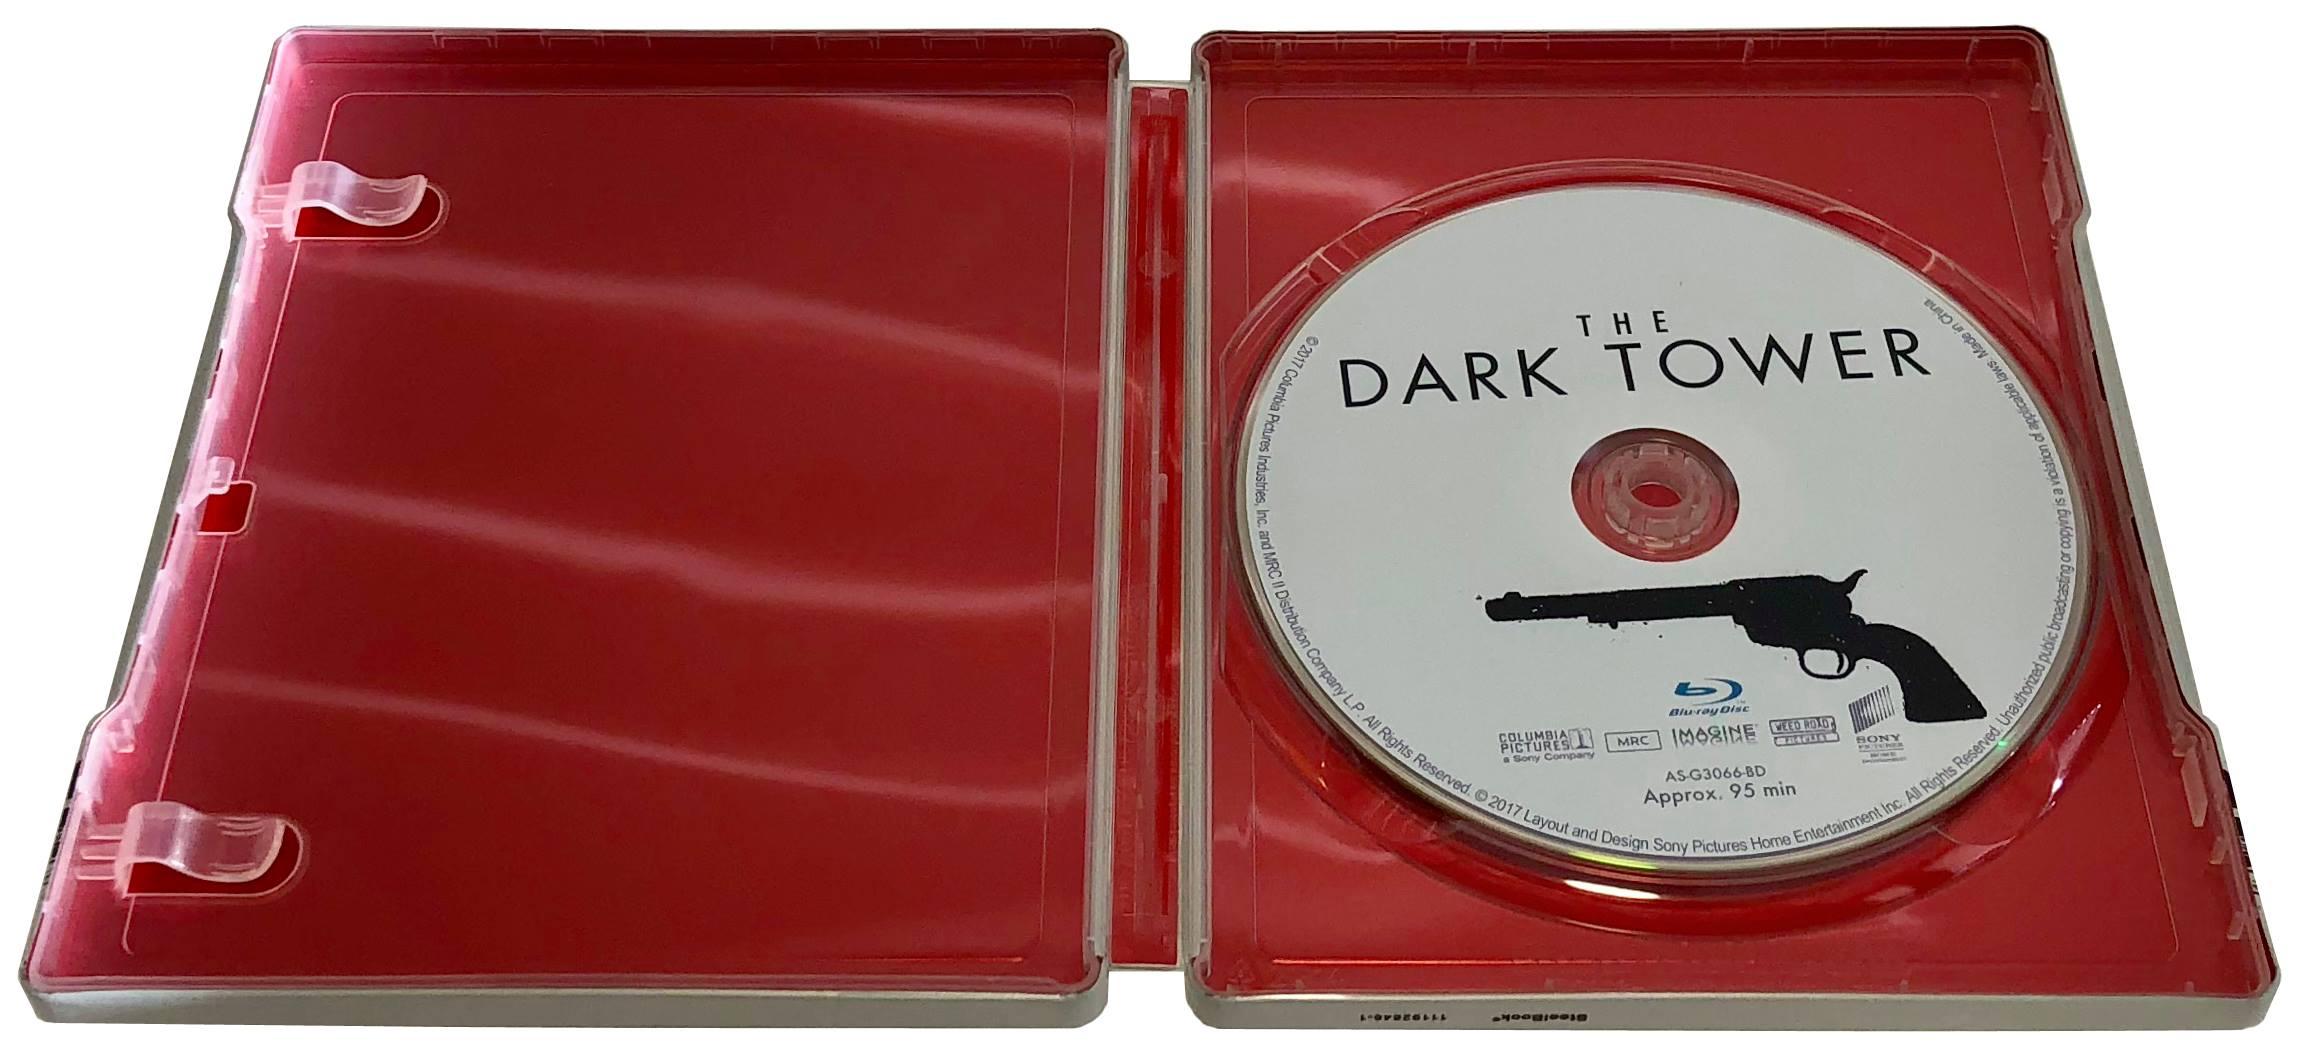 The Dark Tower steelbook 4